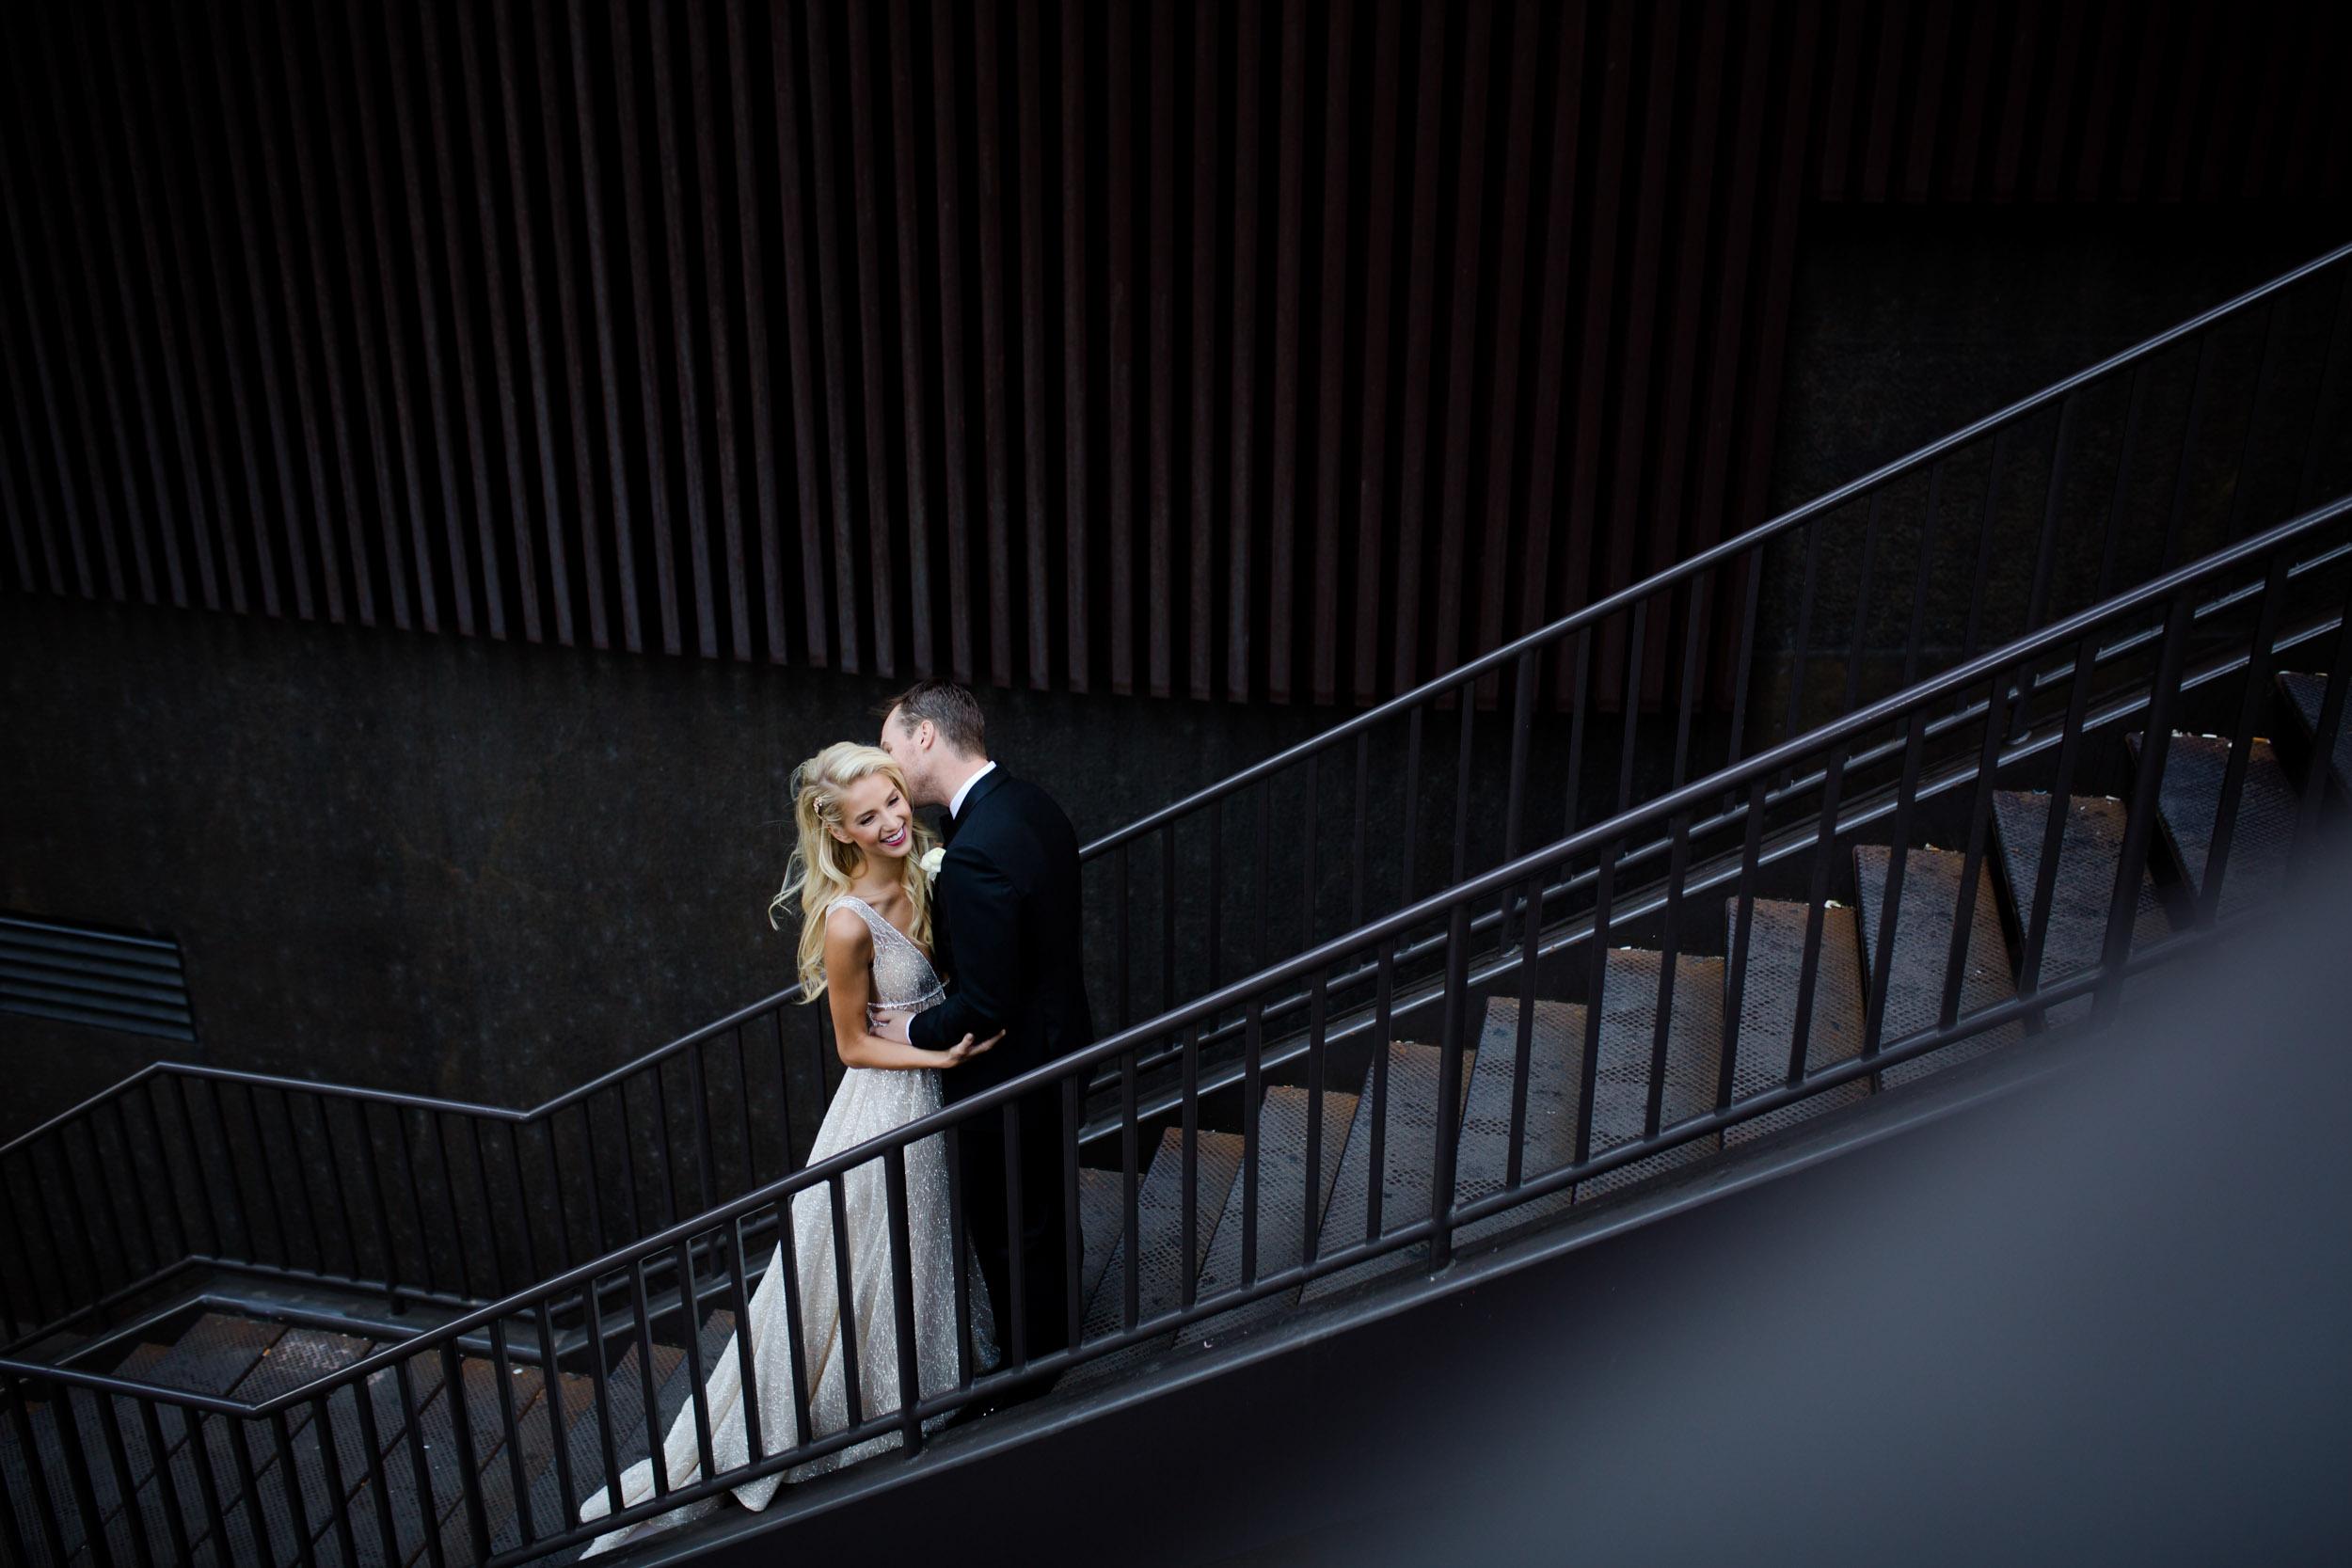 chicago-wedding-photos-studio-this-is-jack-schroeder-59.jpg